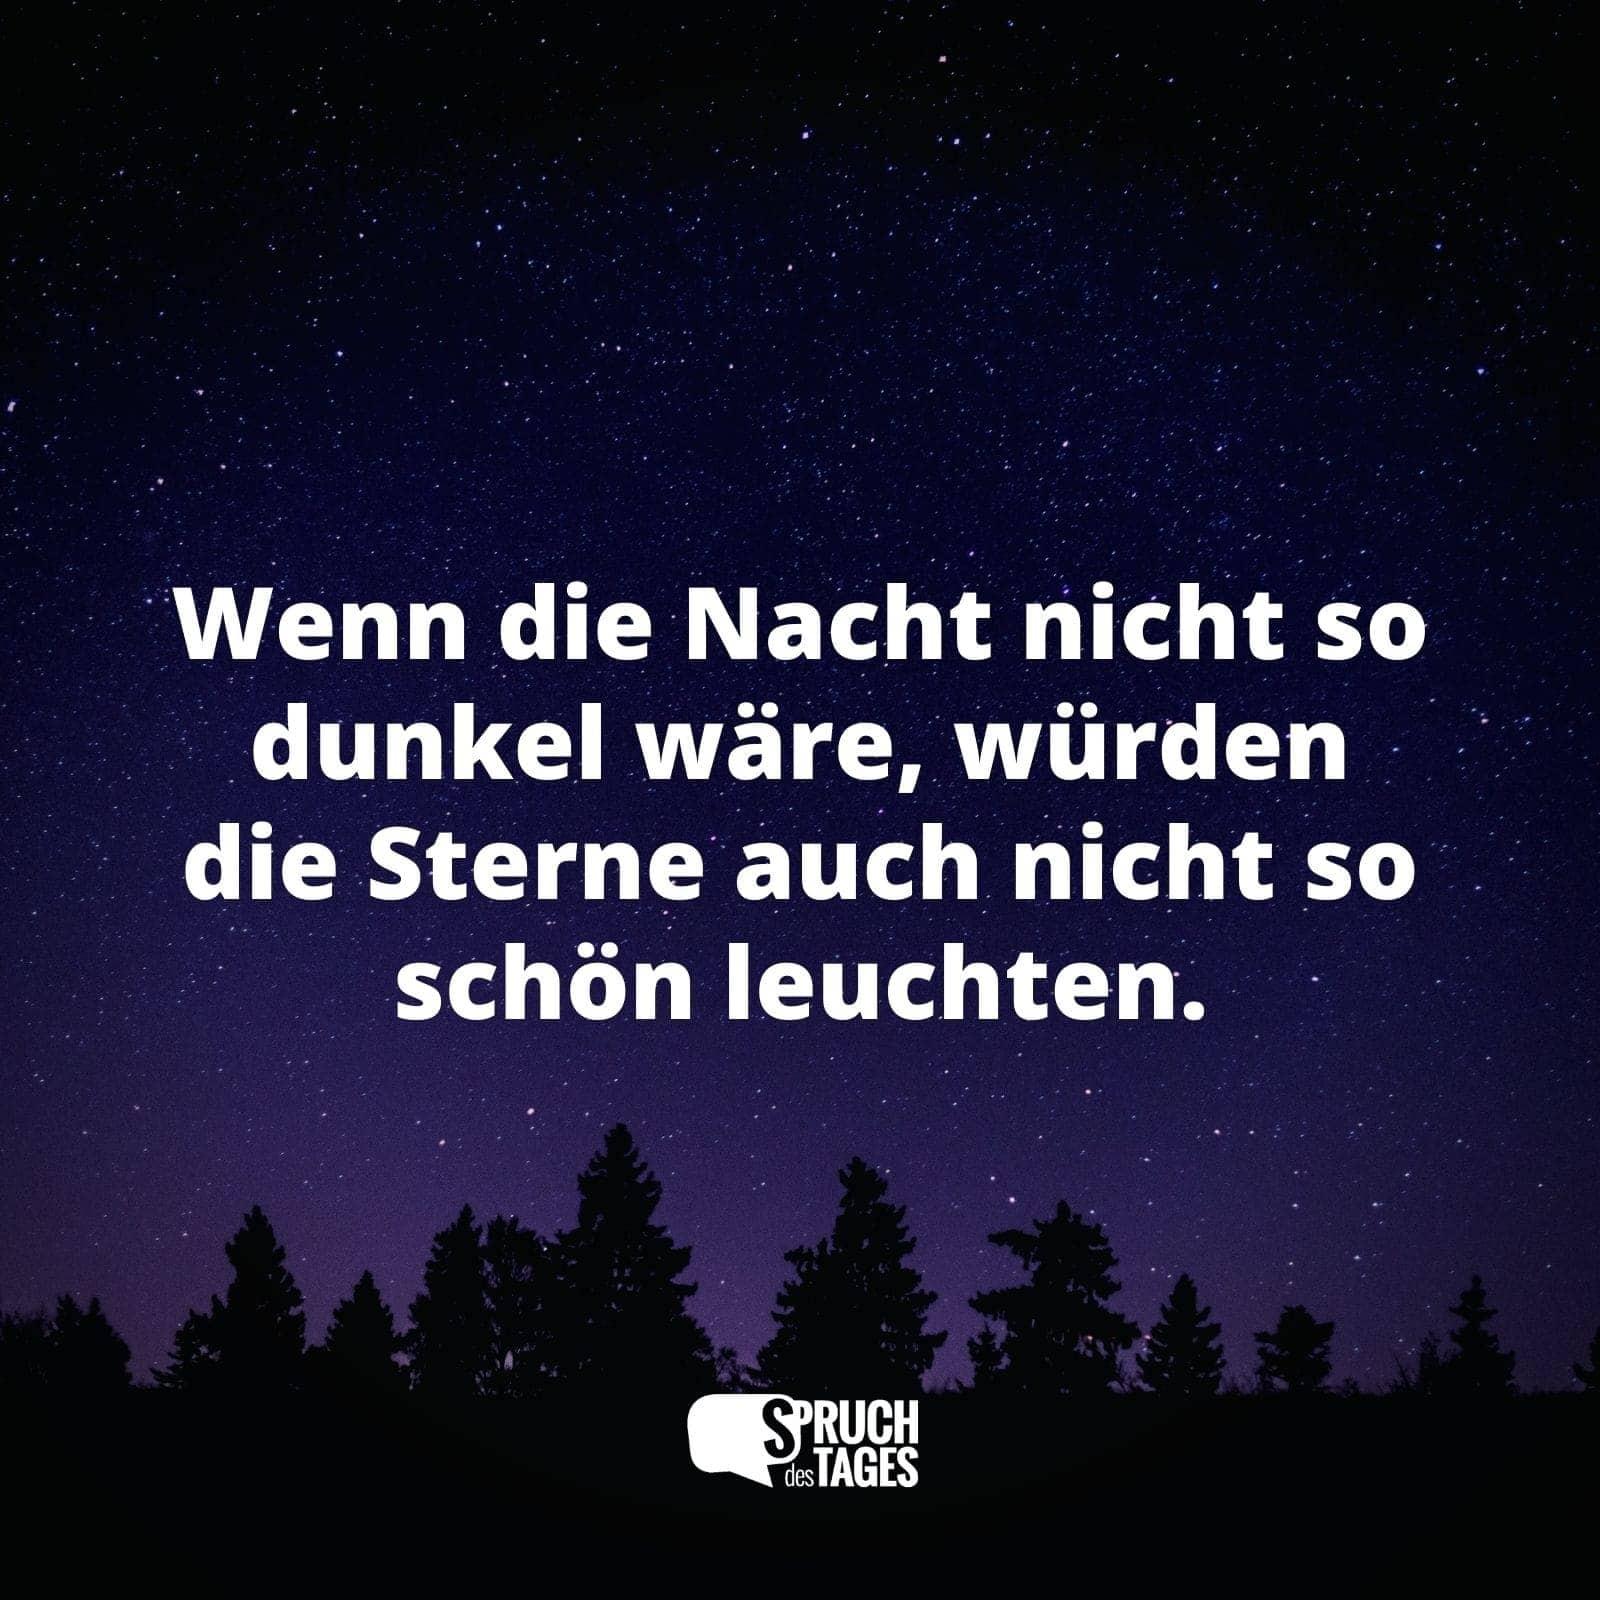 Nachtschwärmer Wenn-die-nacht-nicht-so-dunkel-waere-wuerden-die-sterne-auch-nicht-so-schoen-leuchten